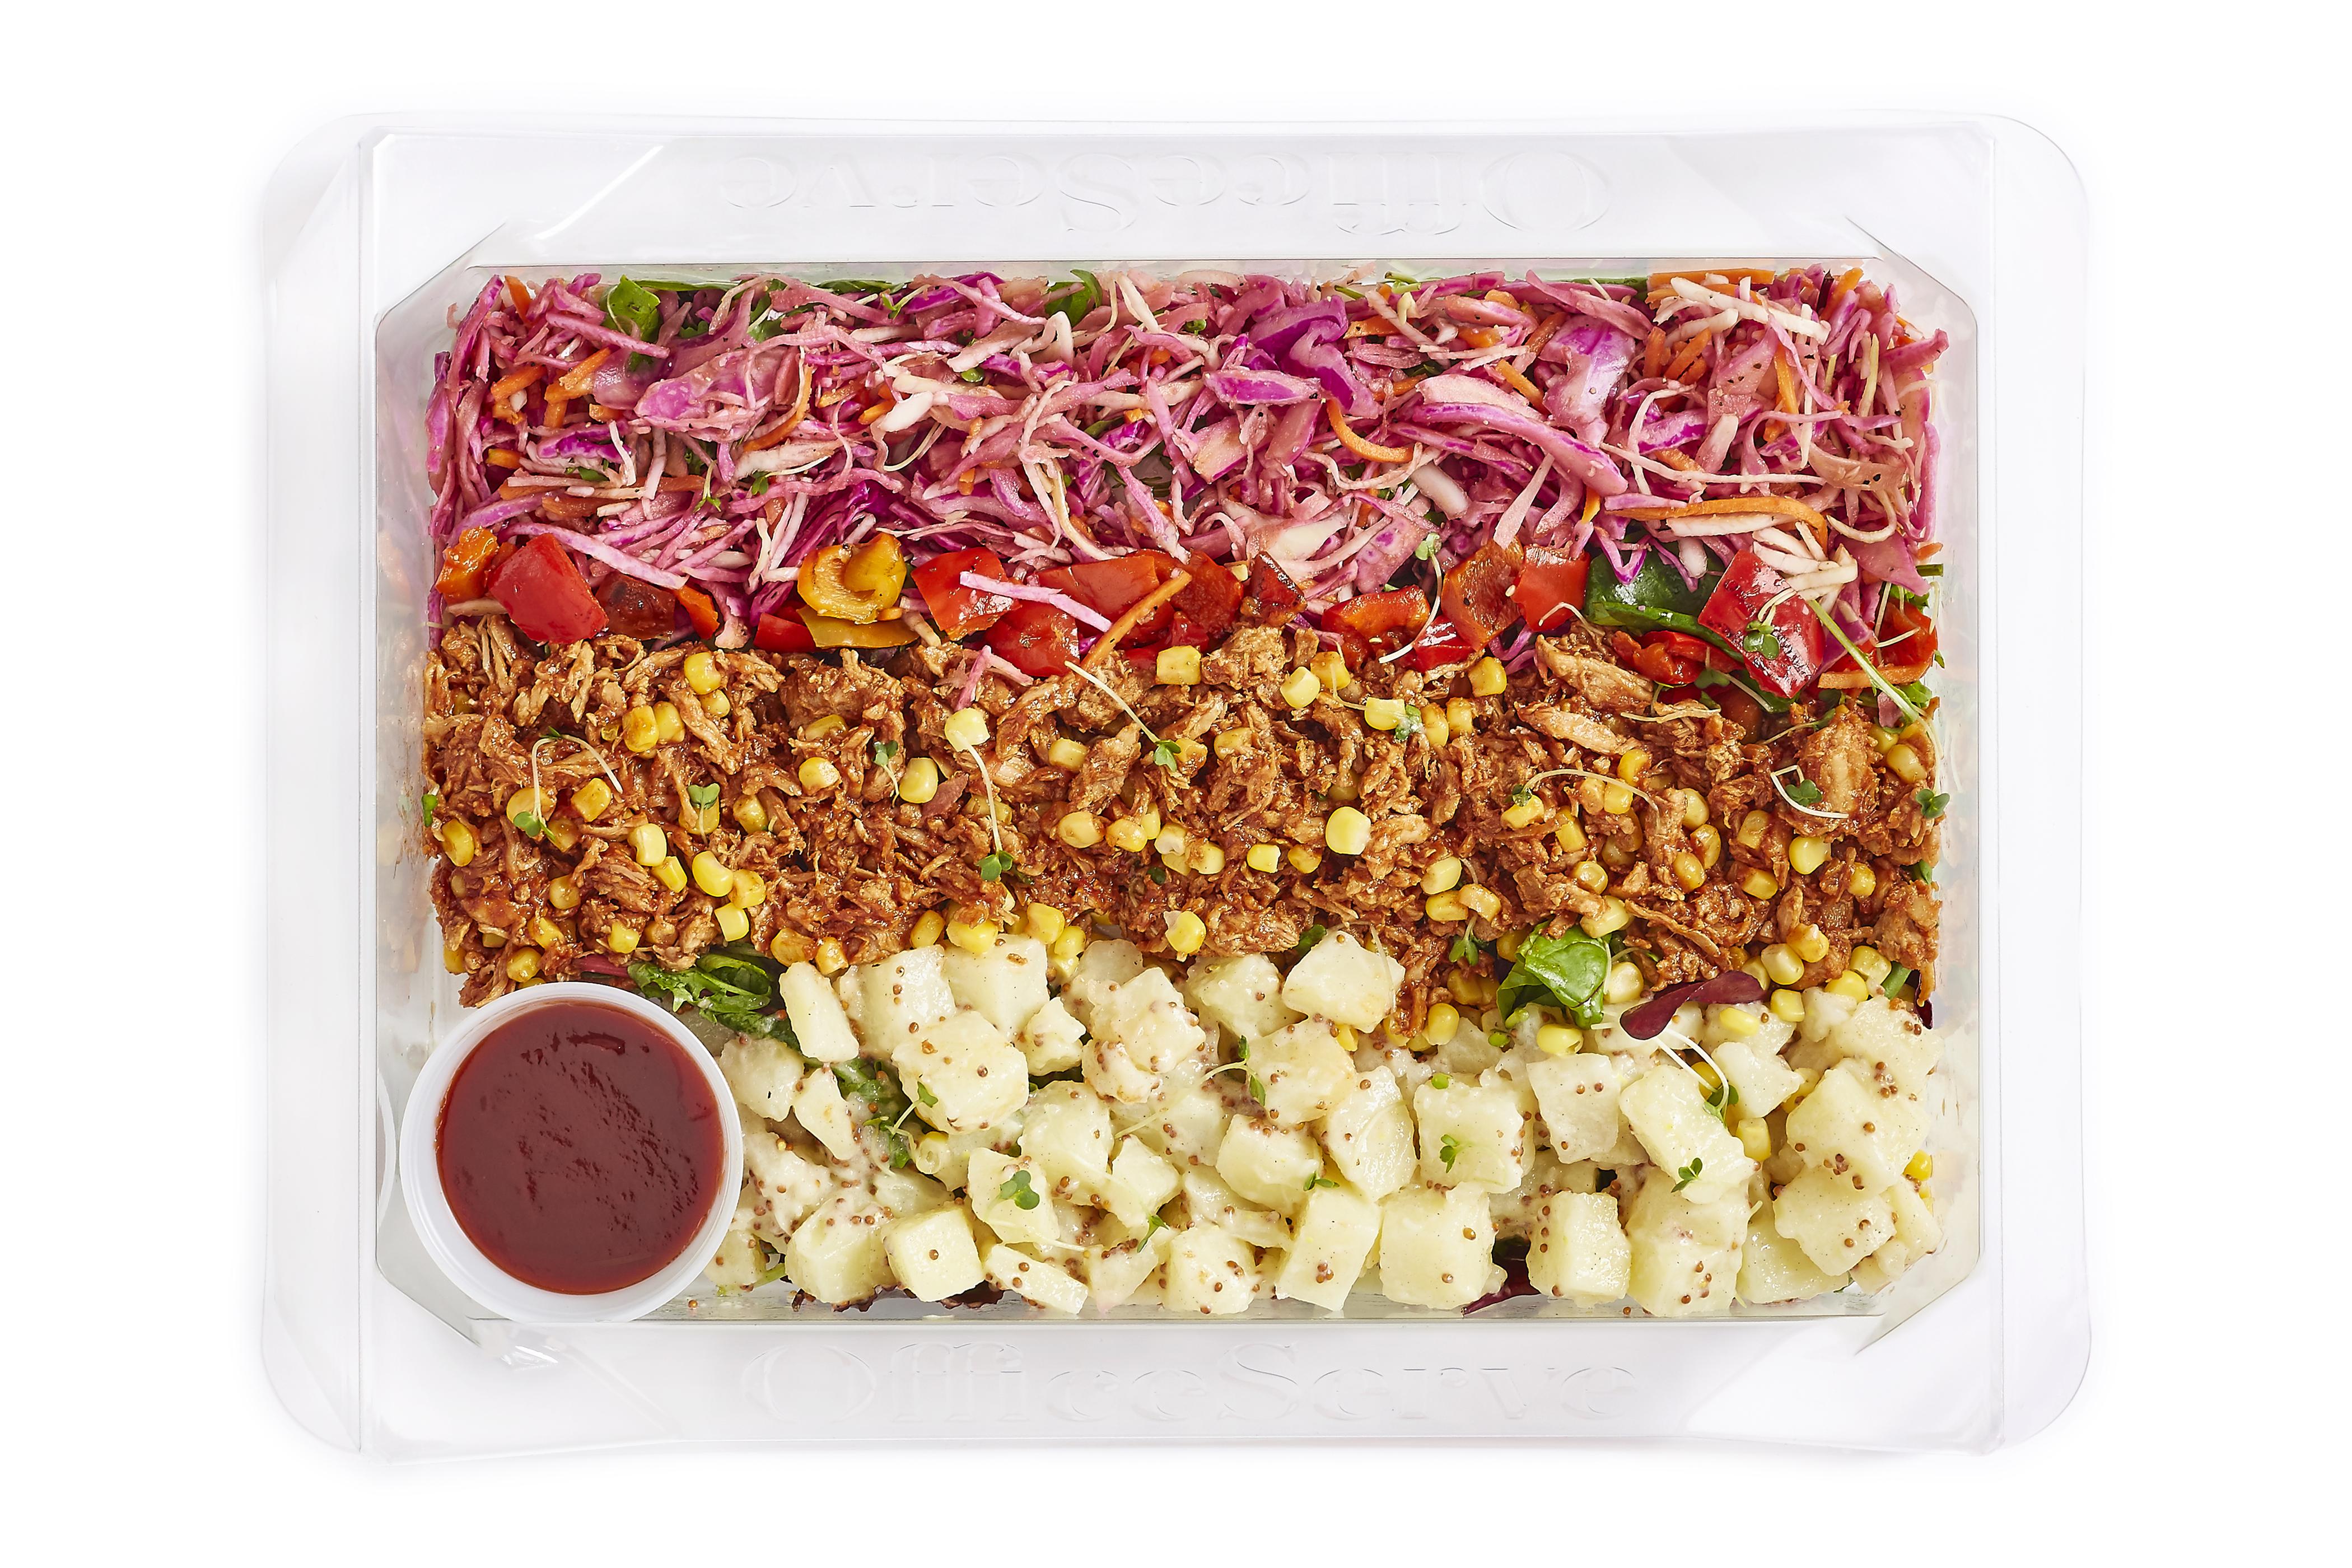 Pulled Pork & Pickled Pink Slaw Salad (Sharing)